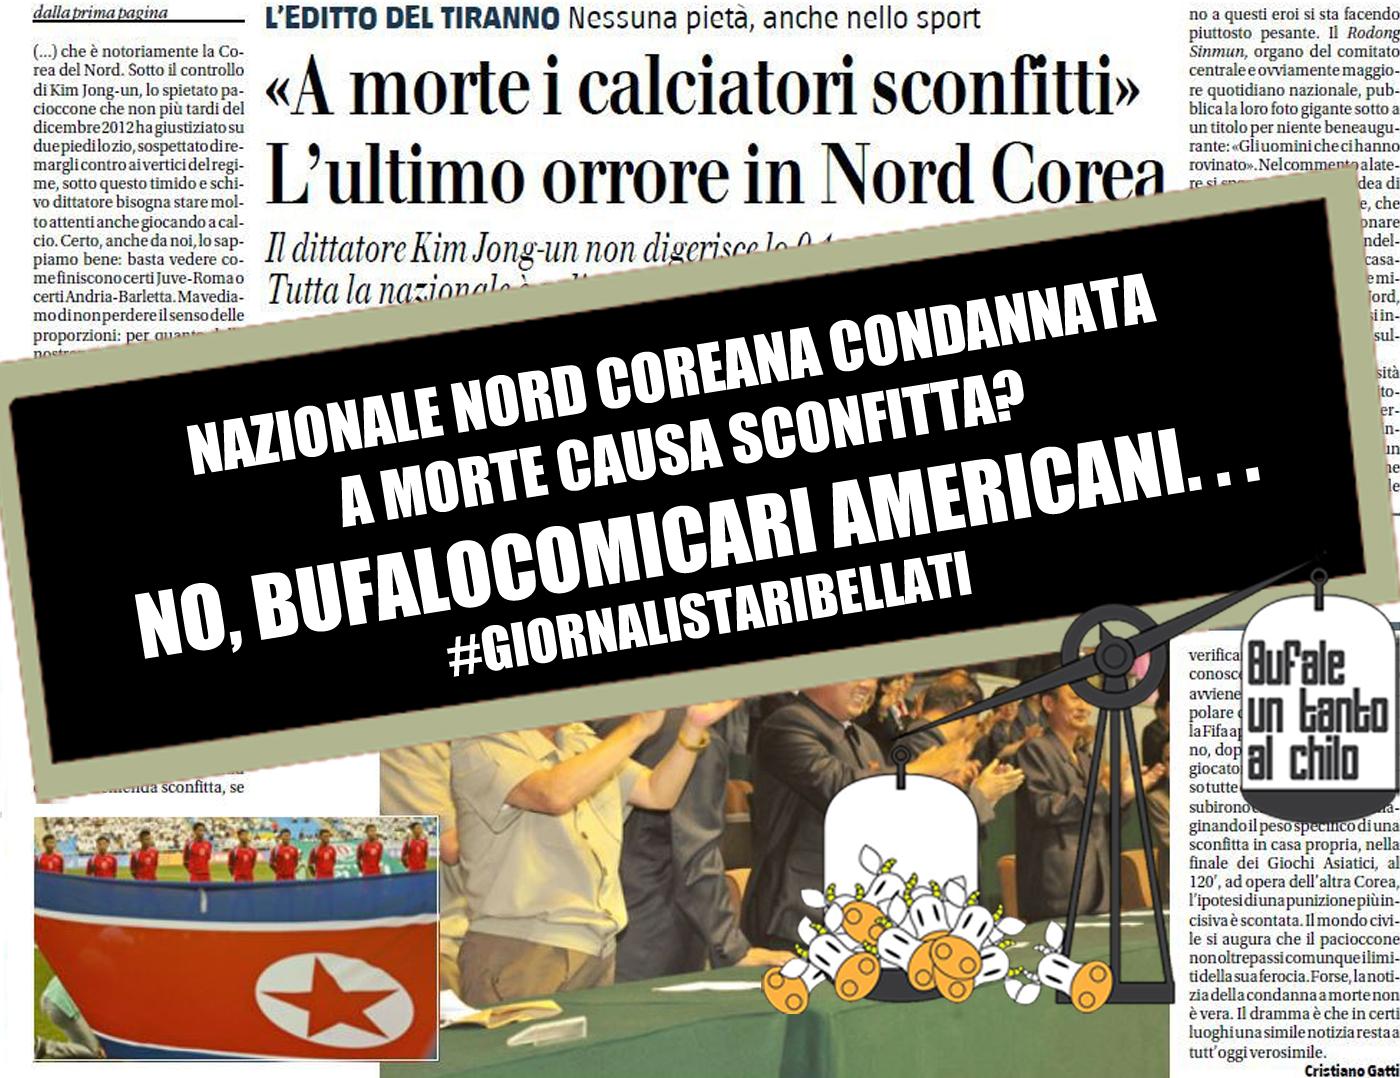 nordcorea-condannatiamorte